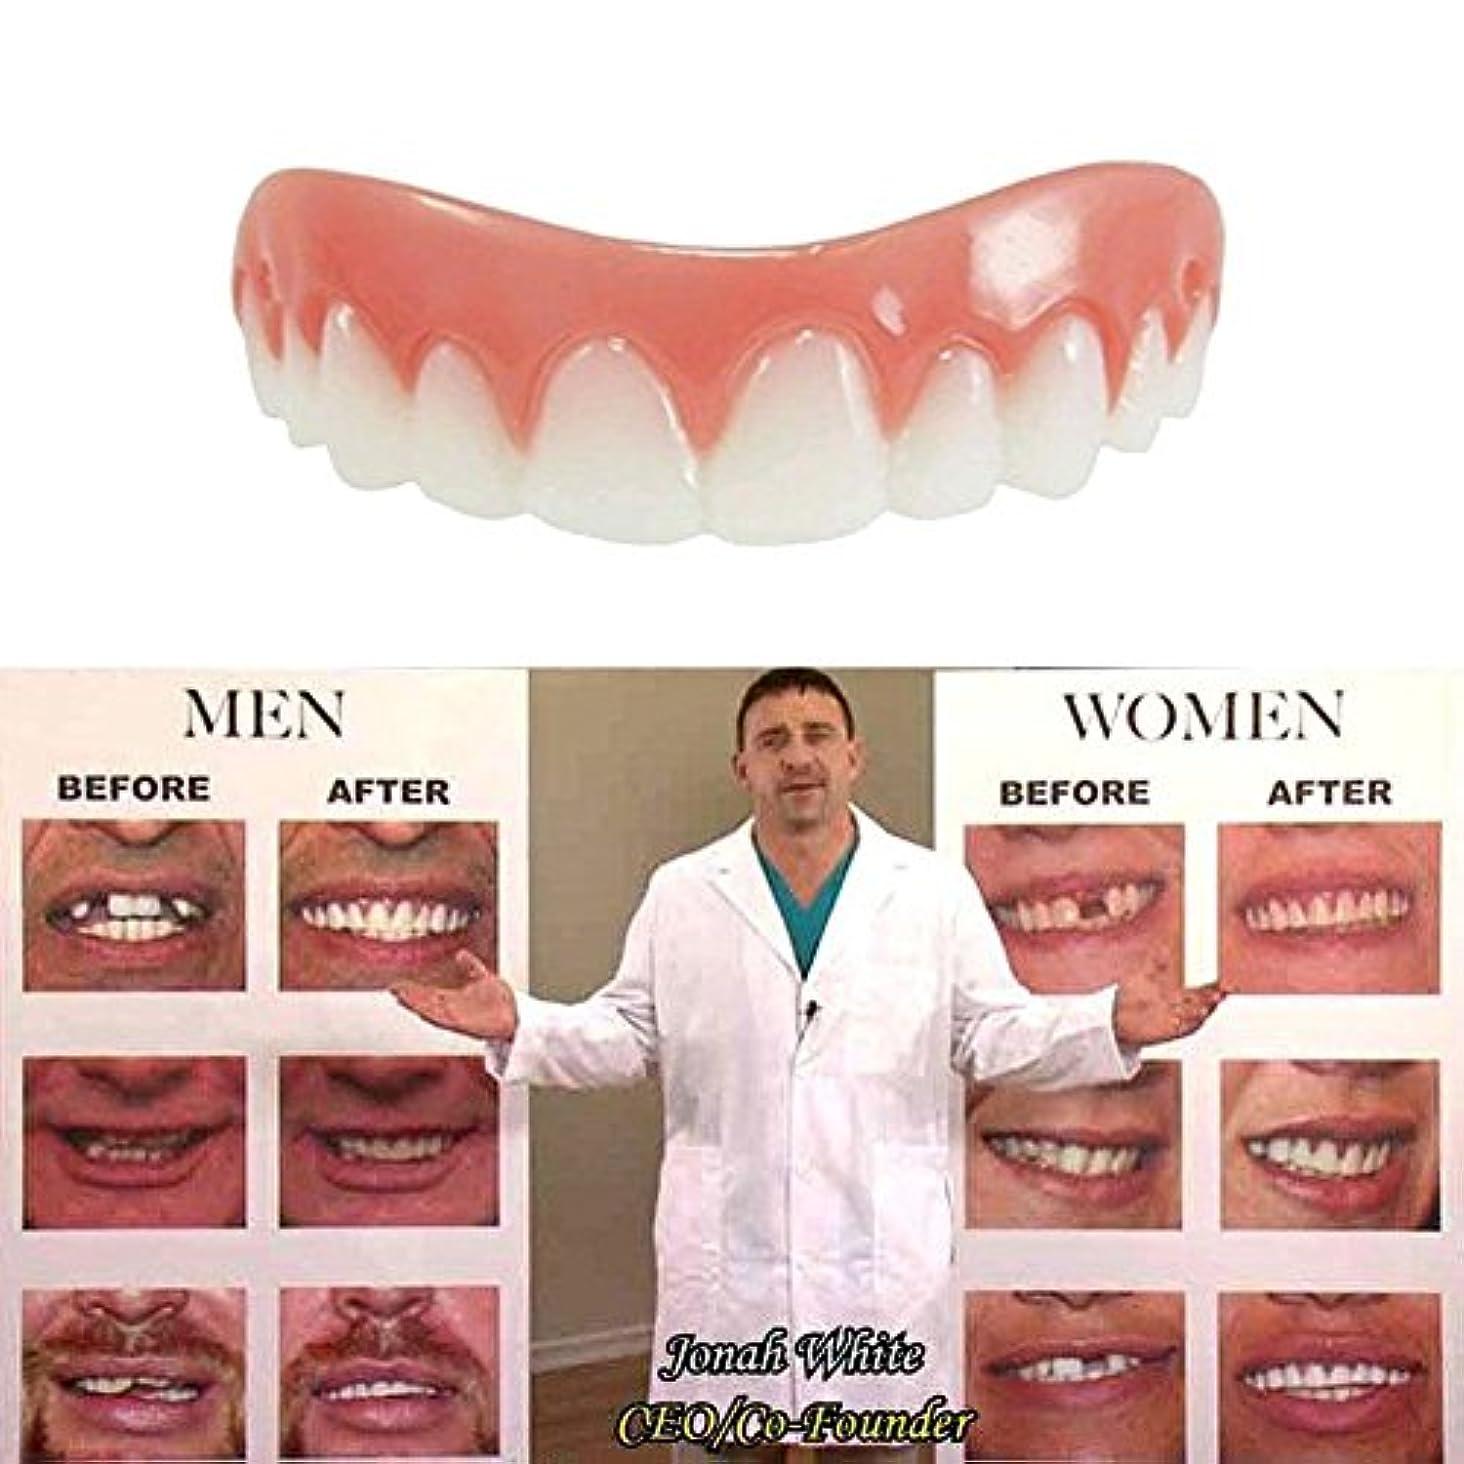 化粧品の歯3個のアッパーのみが自宅でフラットフィットになります。